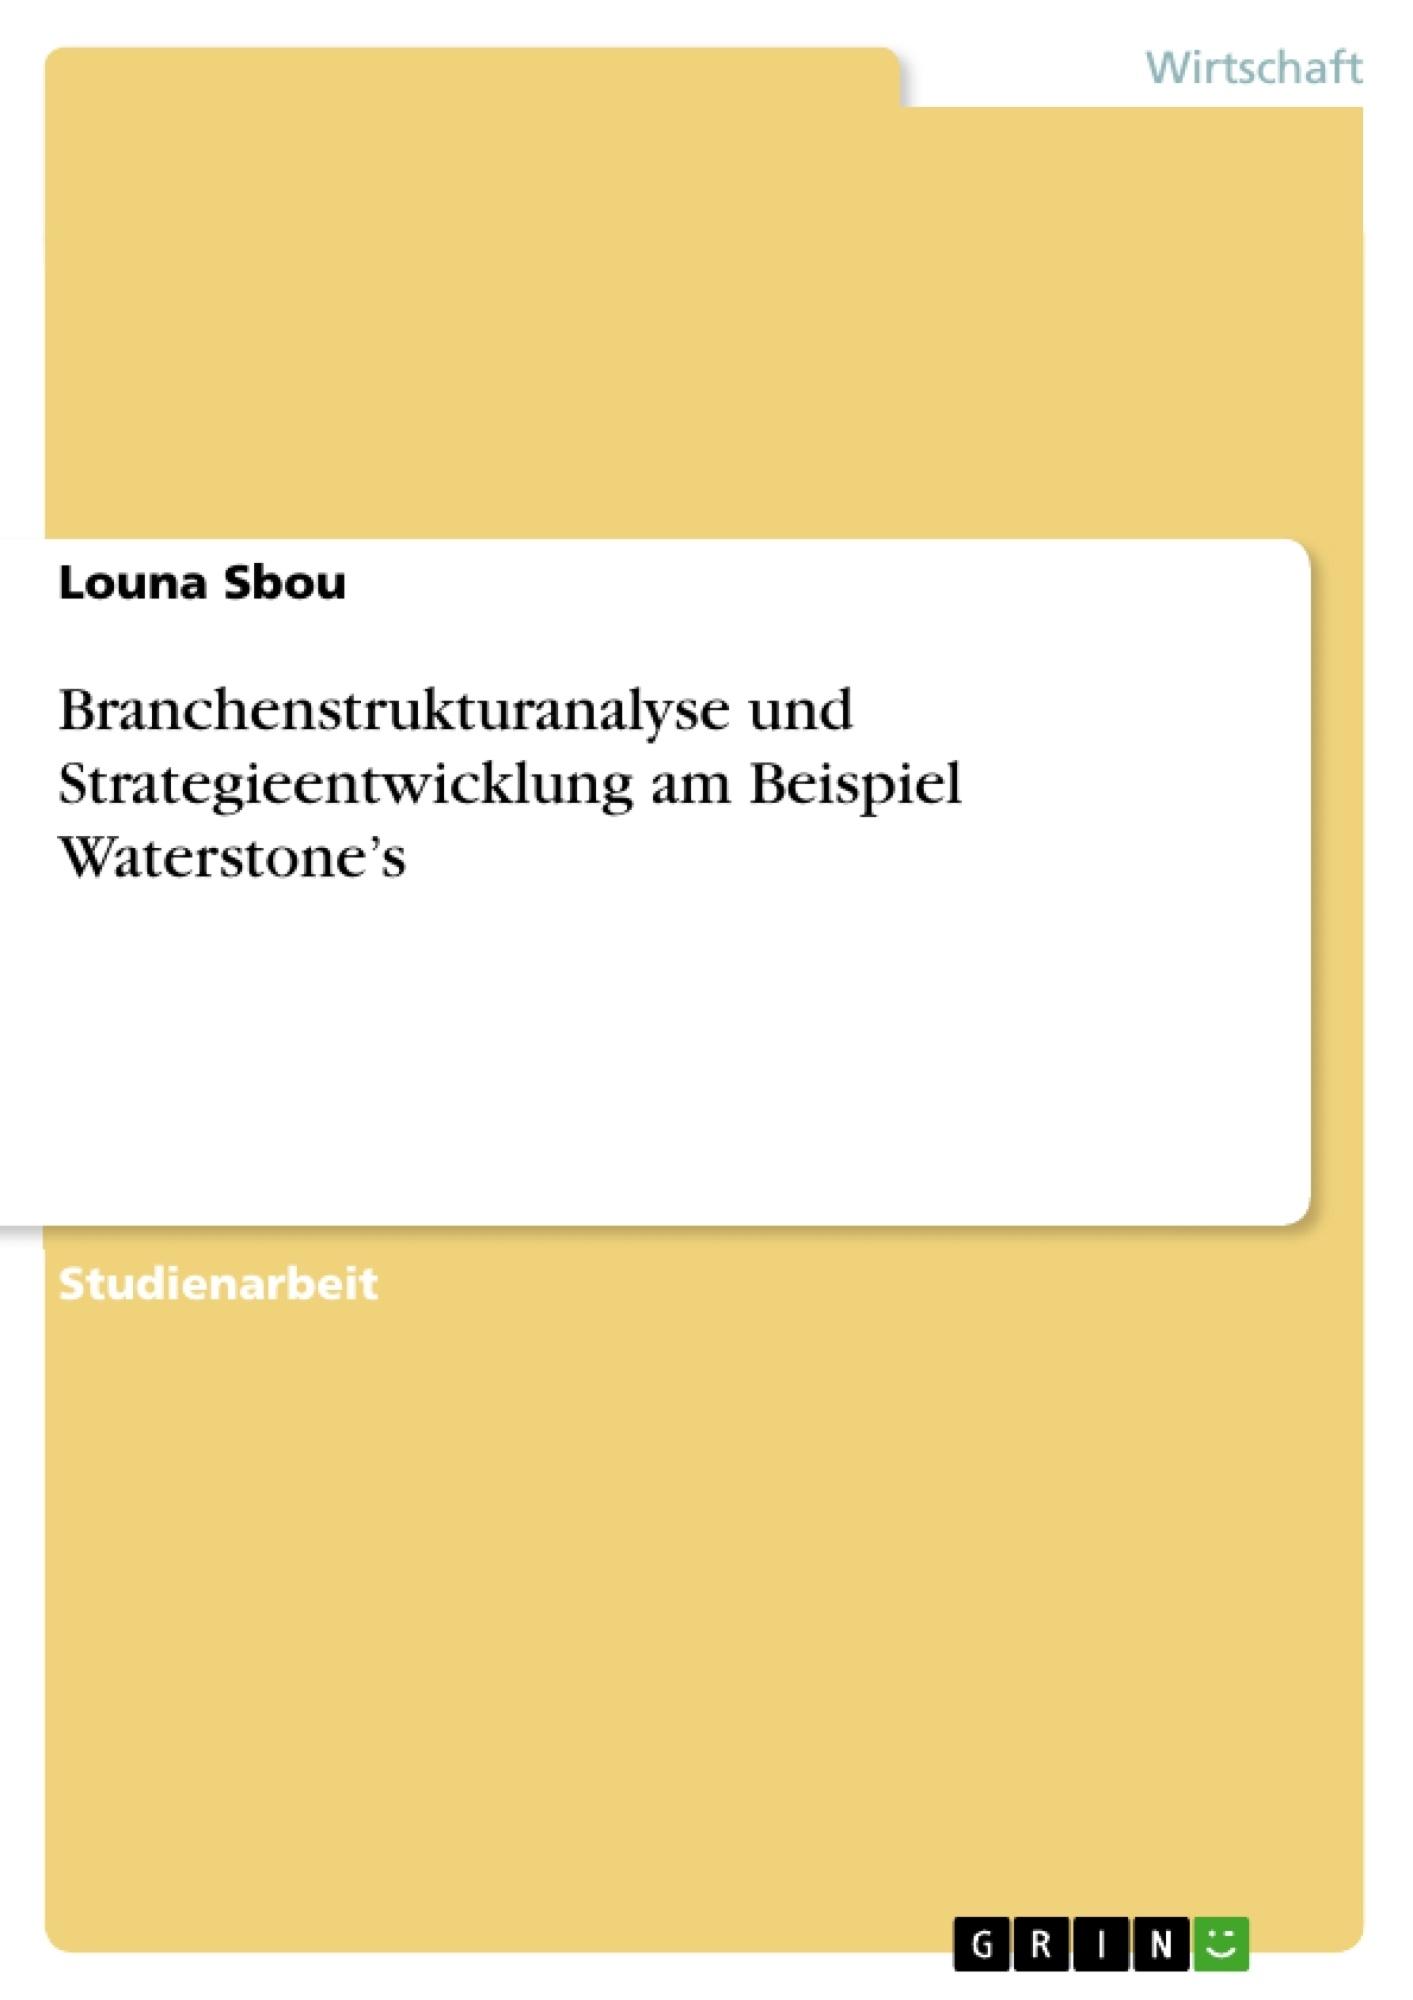 Titel: Branchenstrukturanalyse und Strategieentwicklung am Beispiel Waterstone's